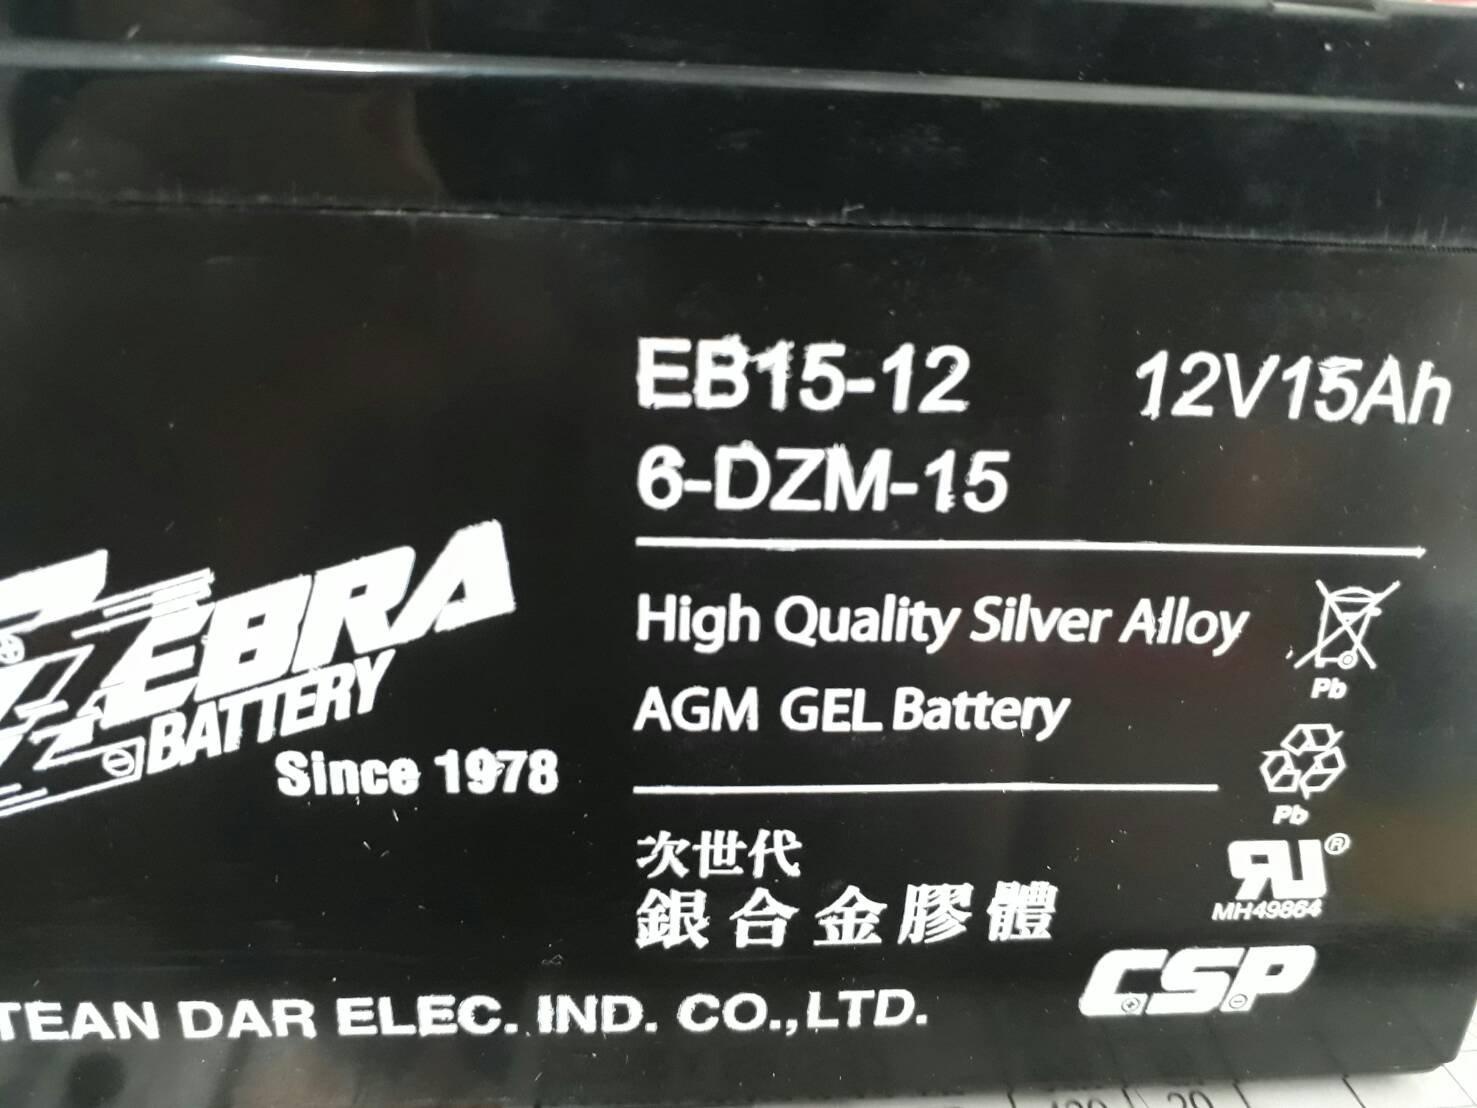 [新莊實體店面]~[自取價]ZEBRA 斑馬 EB15-12 6-DZM-15 銀合金膠體電池,另售EB24-12